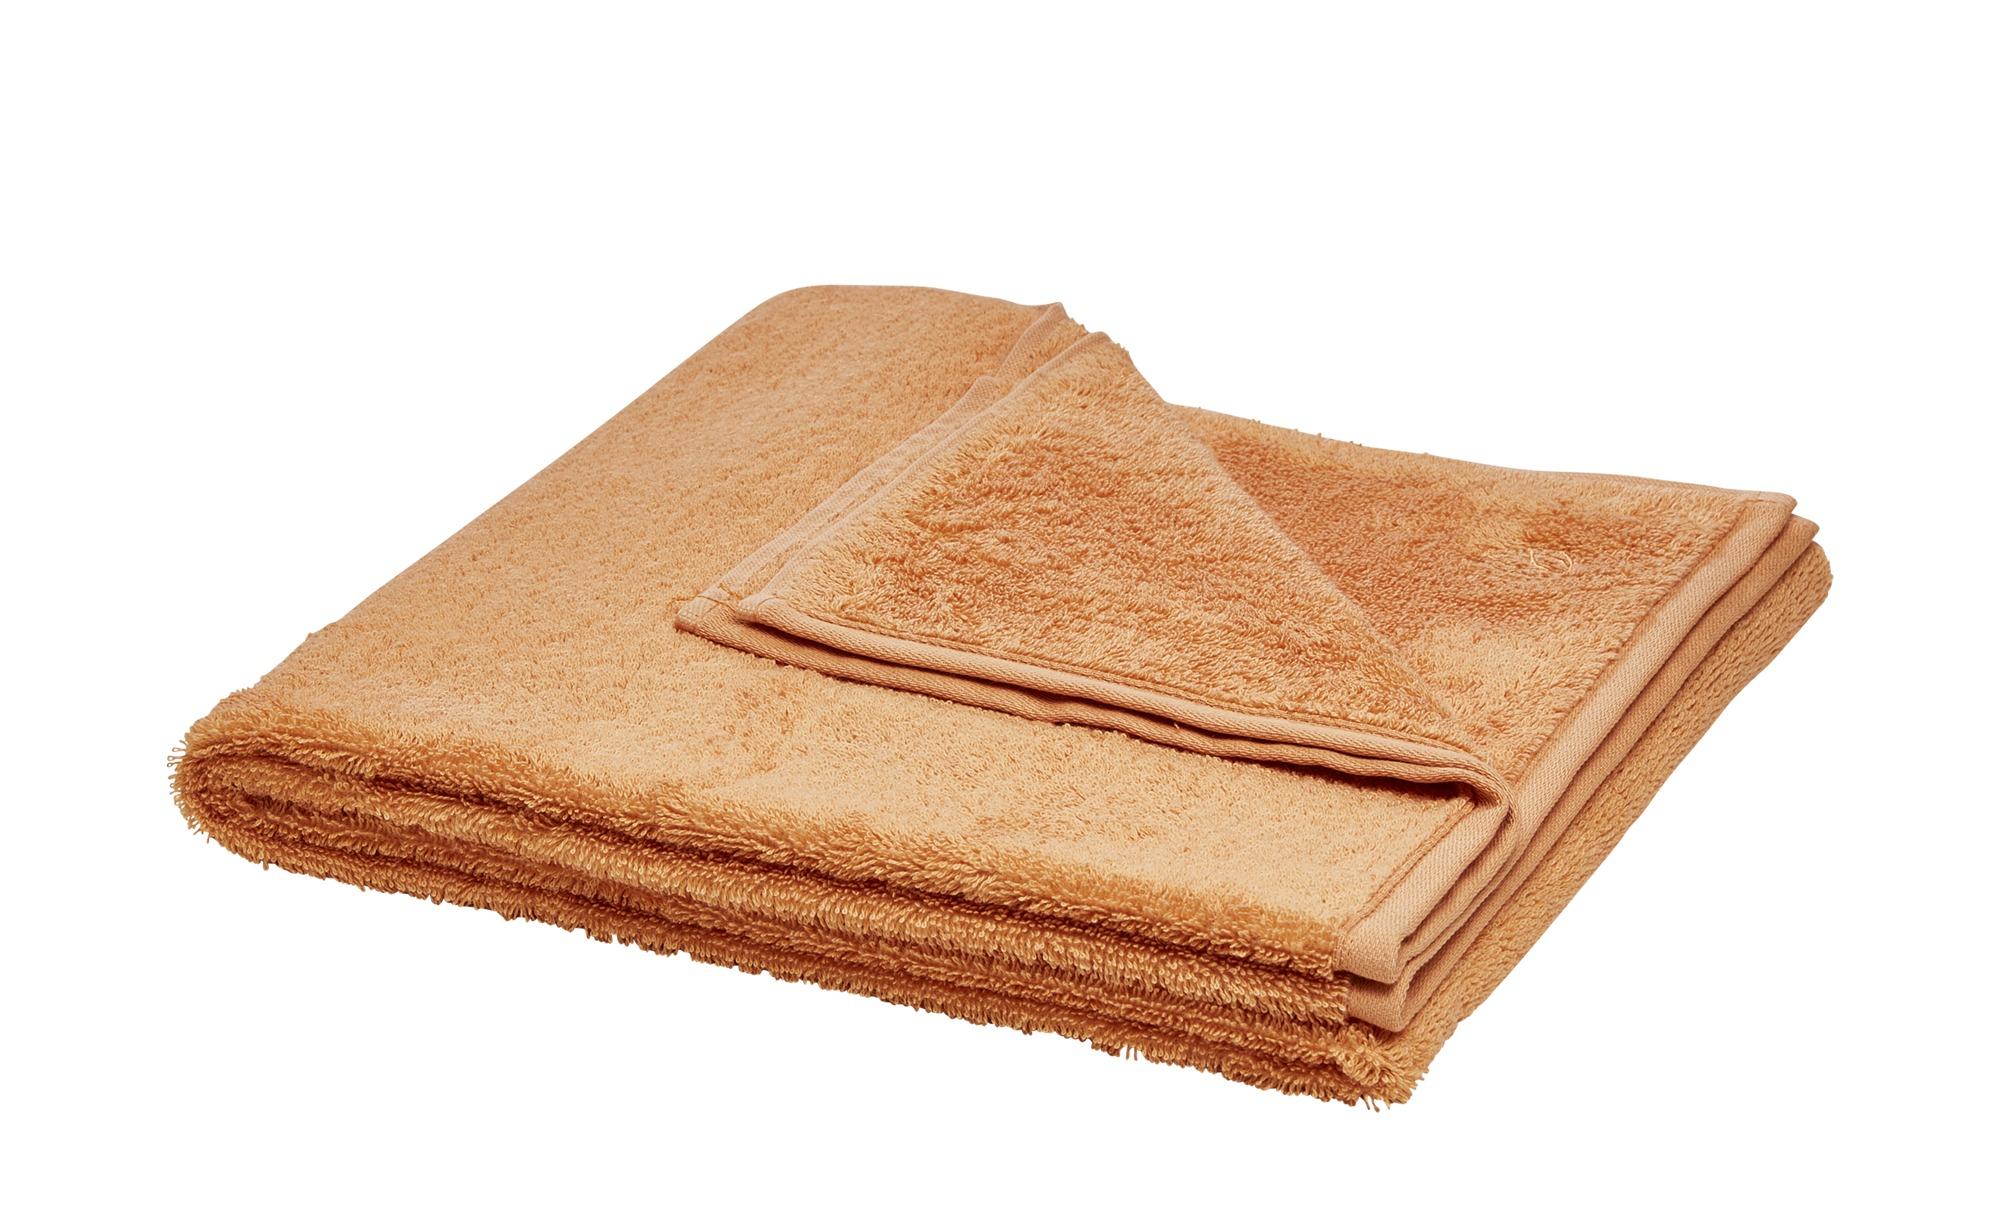 LAVIDA Duschtuch  Touch ¦ orange ¦ 100% Baumwolle ¦ Maße (cm): B: 67 Badtextilien und Zubehör > Handtücher & Badetücher > Duschtücher - Höffner